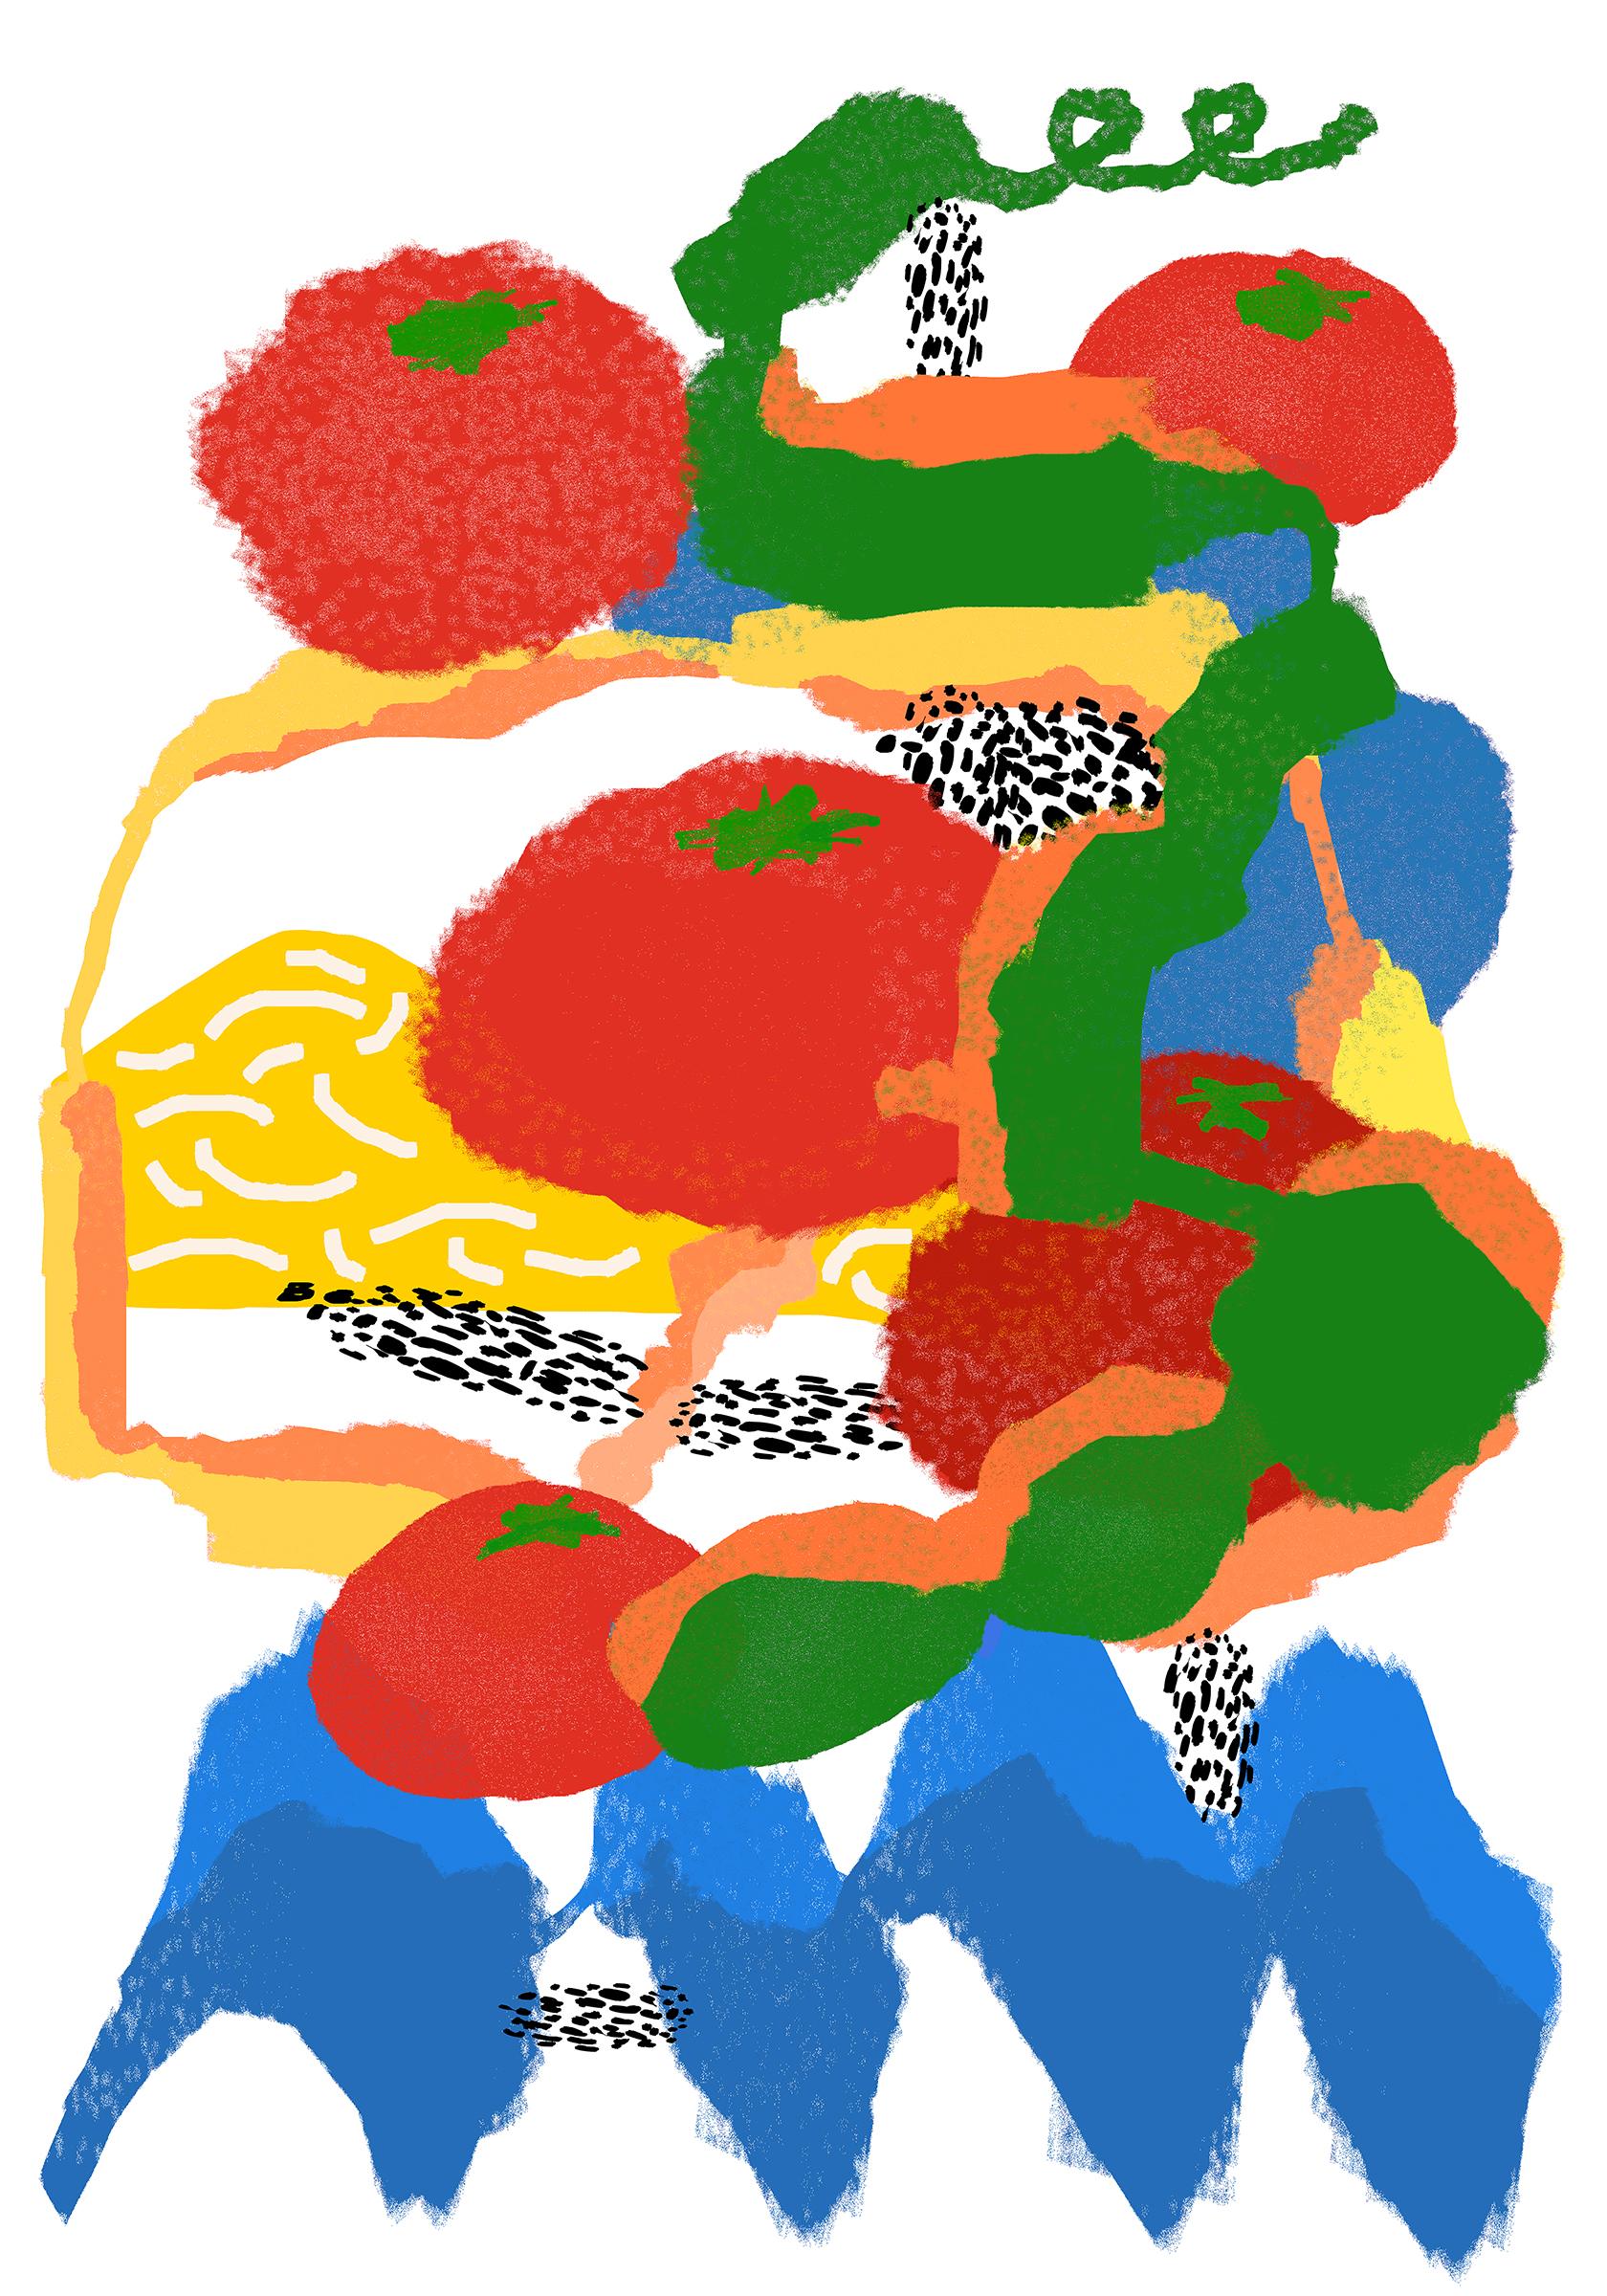 Season of Tomato 2019